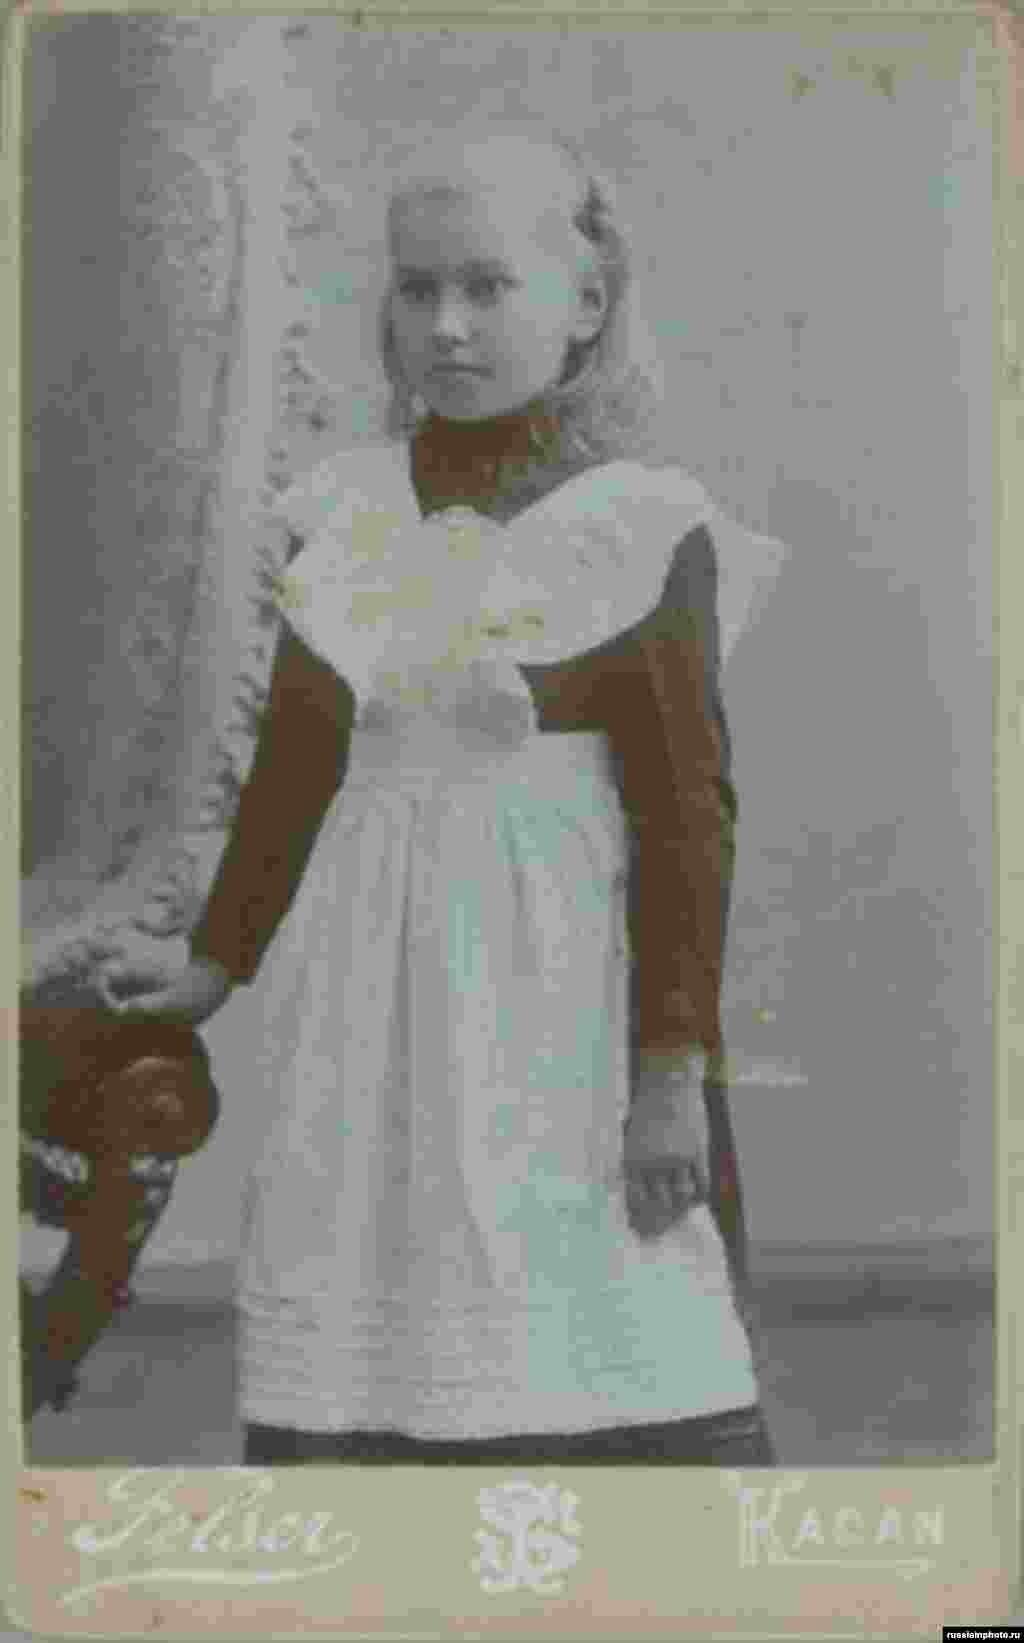 Қыз баланың портреті. Қазан қаласы, 1900 жыл.